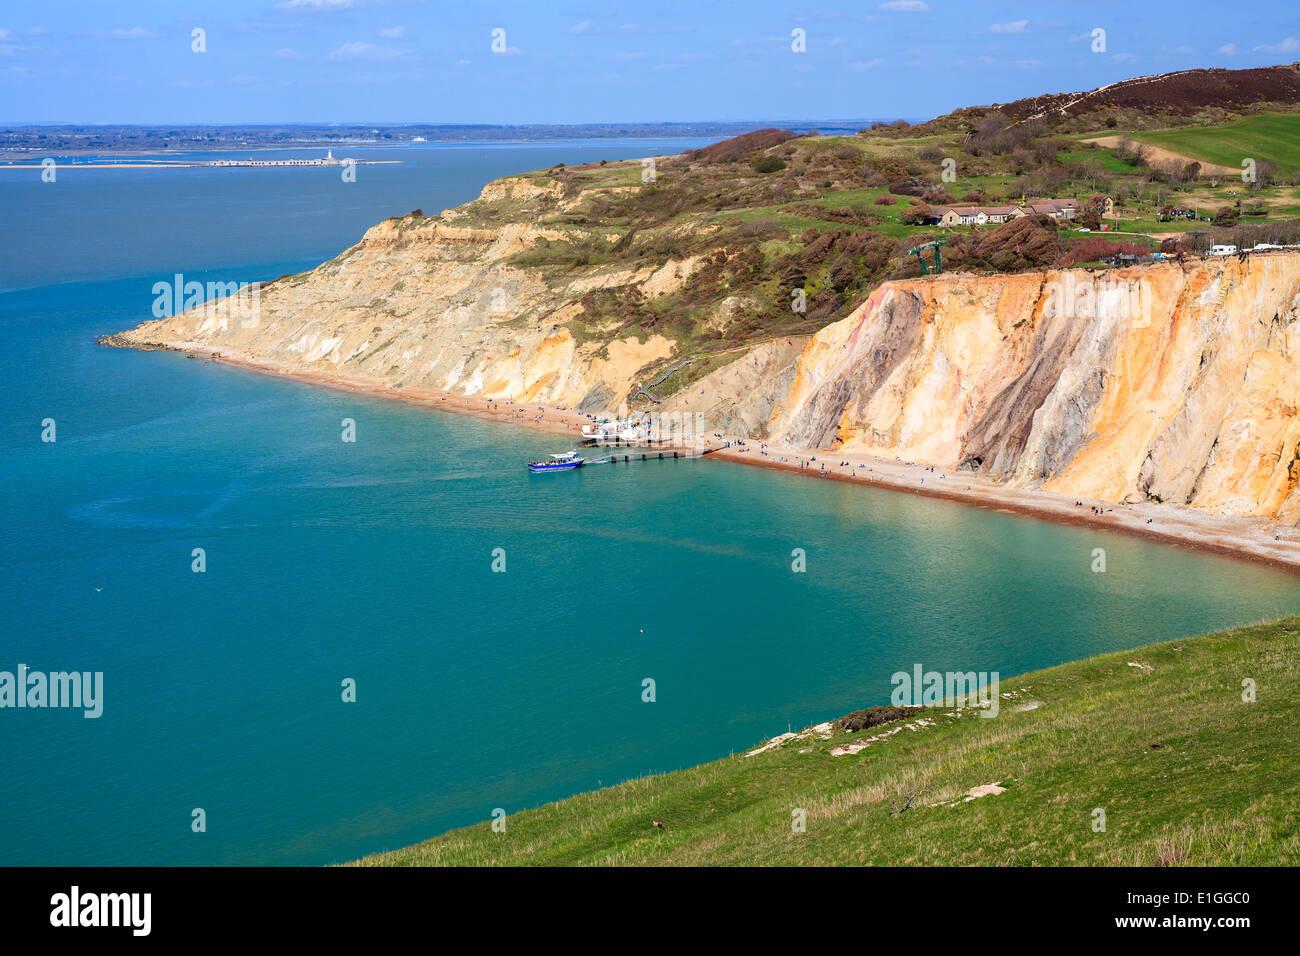 Mit Blick auf den Strand und bunte sandigen Klippen von Alum Bay auf der Isle Of Wight England UK Europe Stockfoto